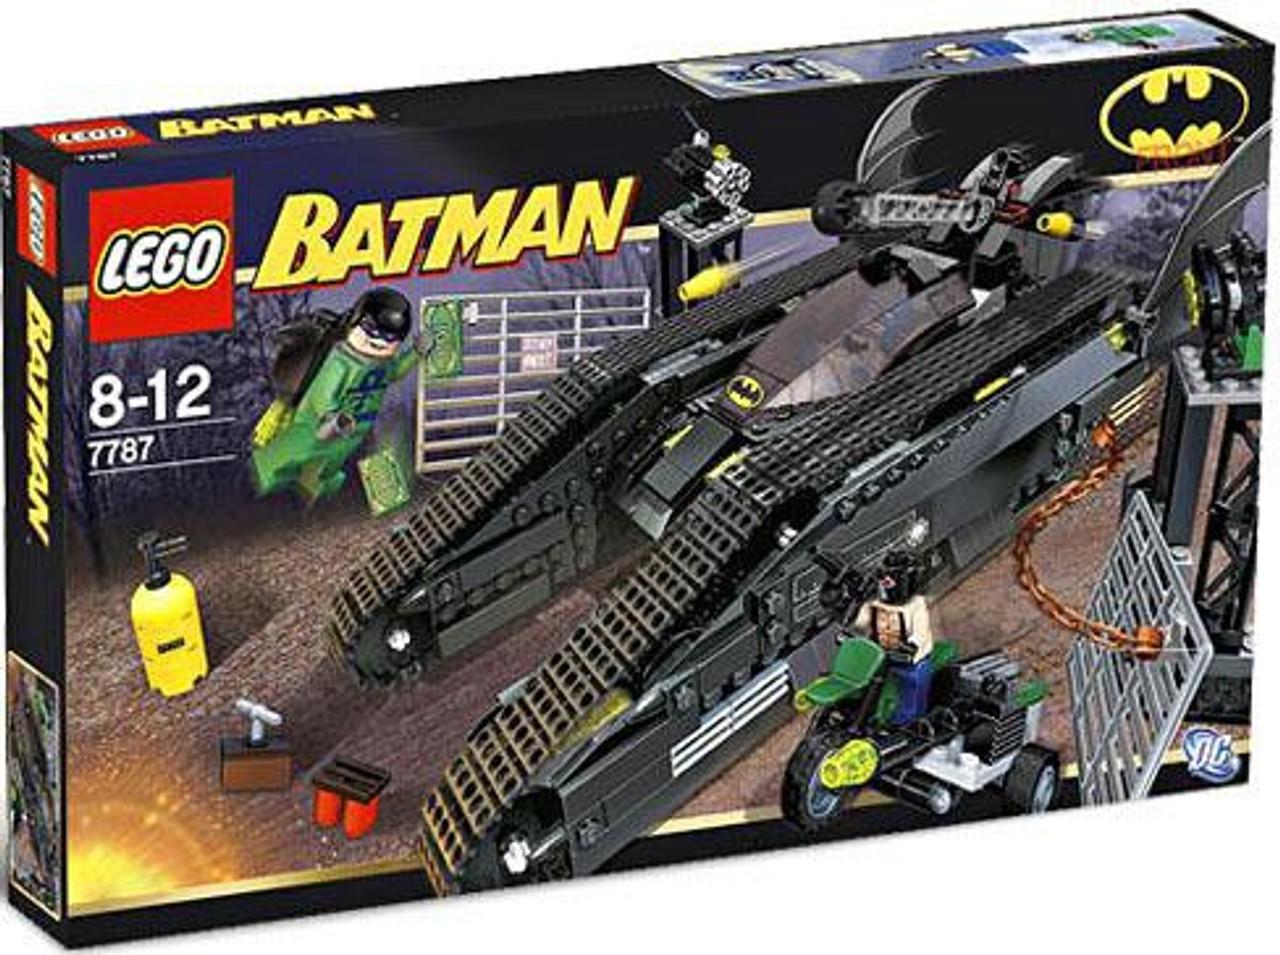 LEGO Batman The Bat Tank: Riddler & Bane's Hideout Set #7787